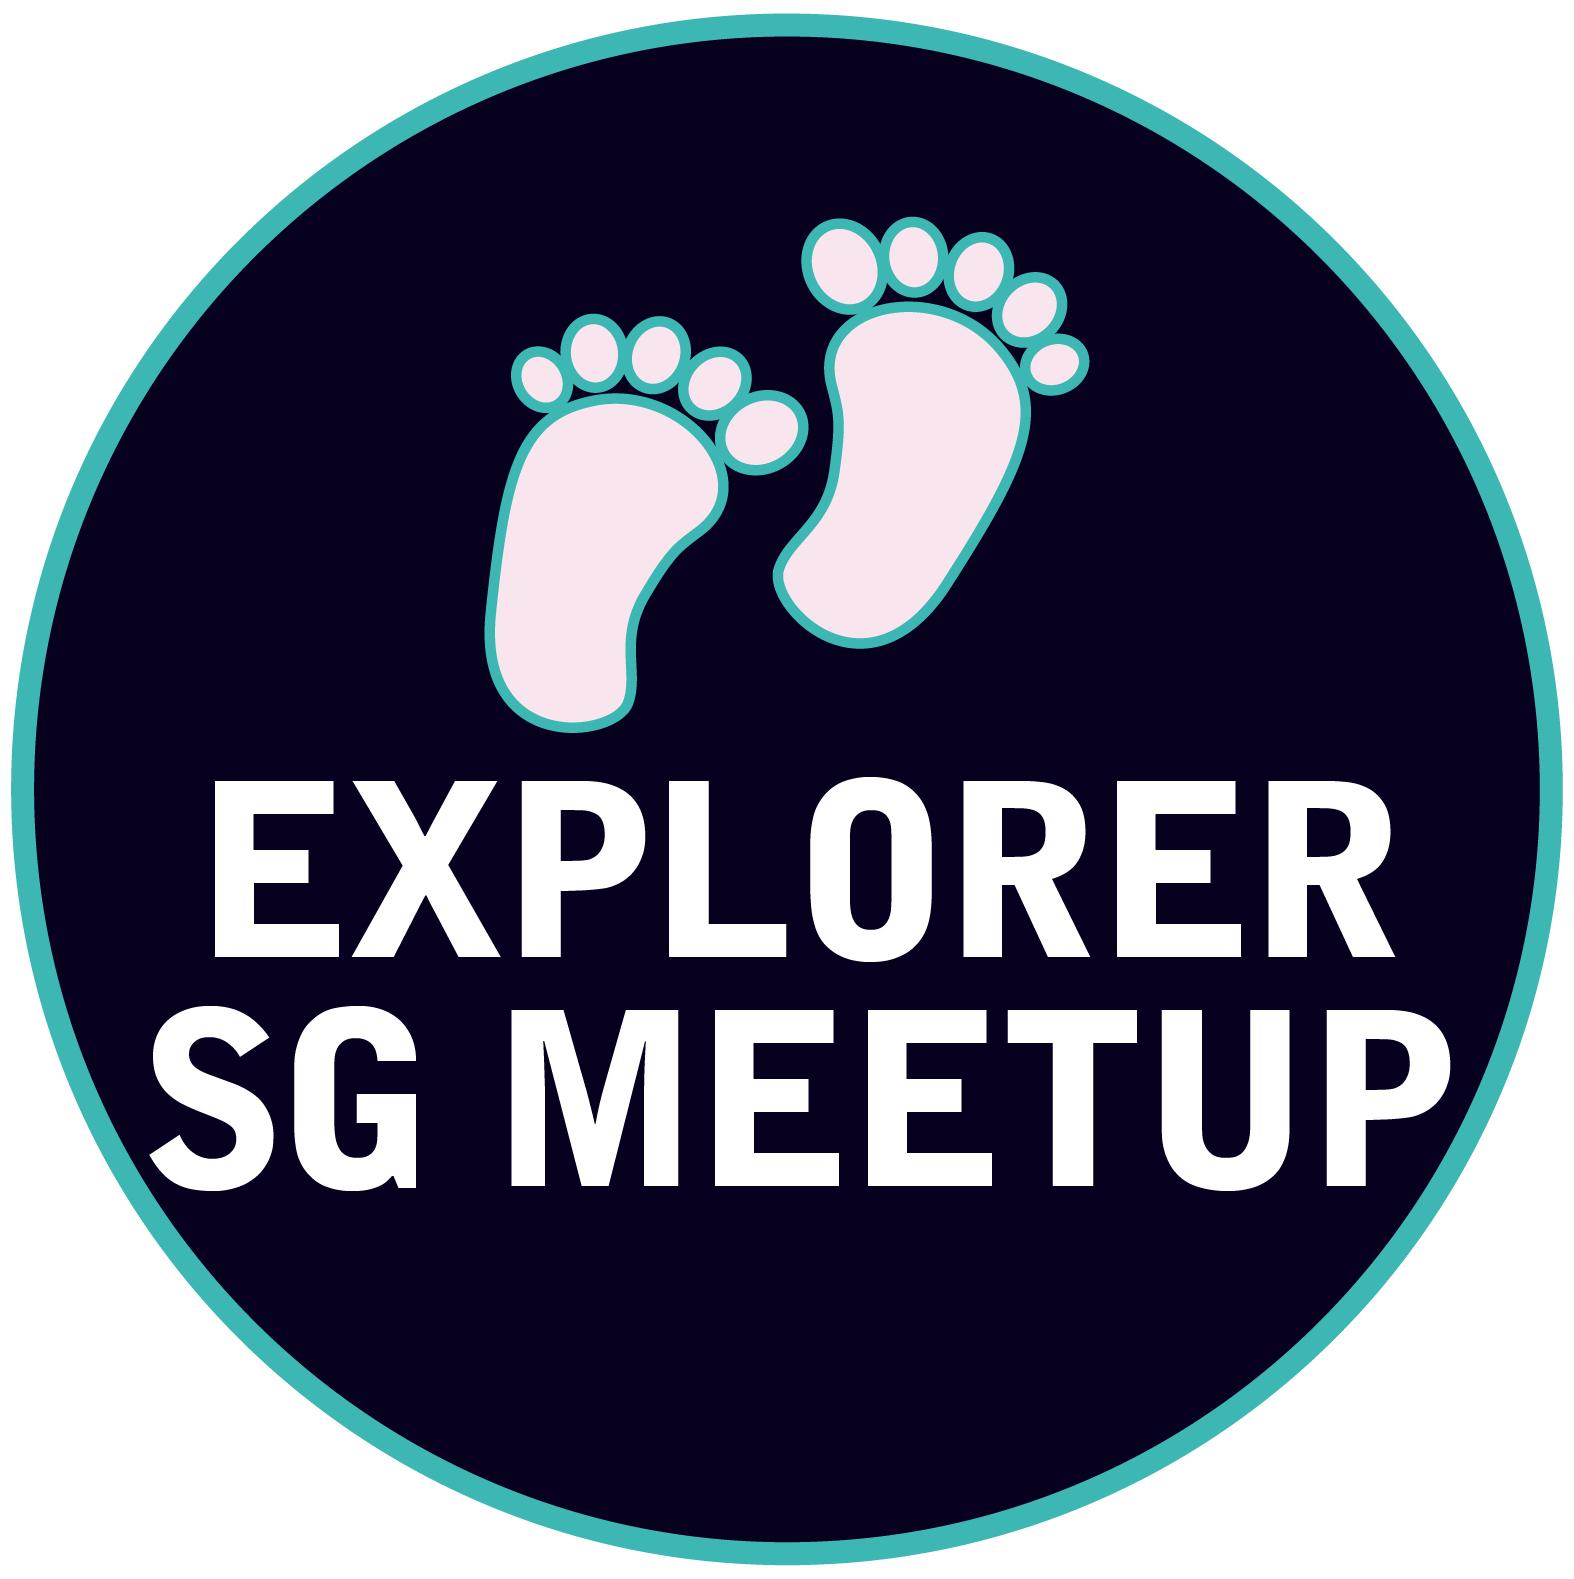 ExplorerSG